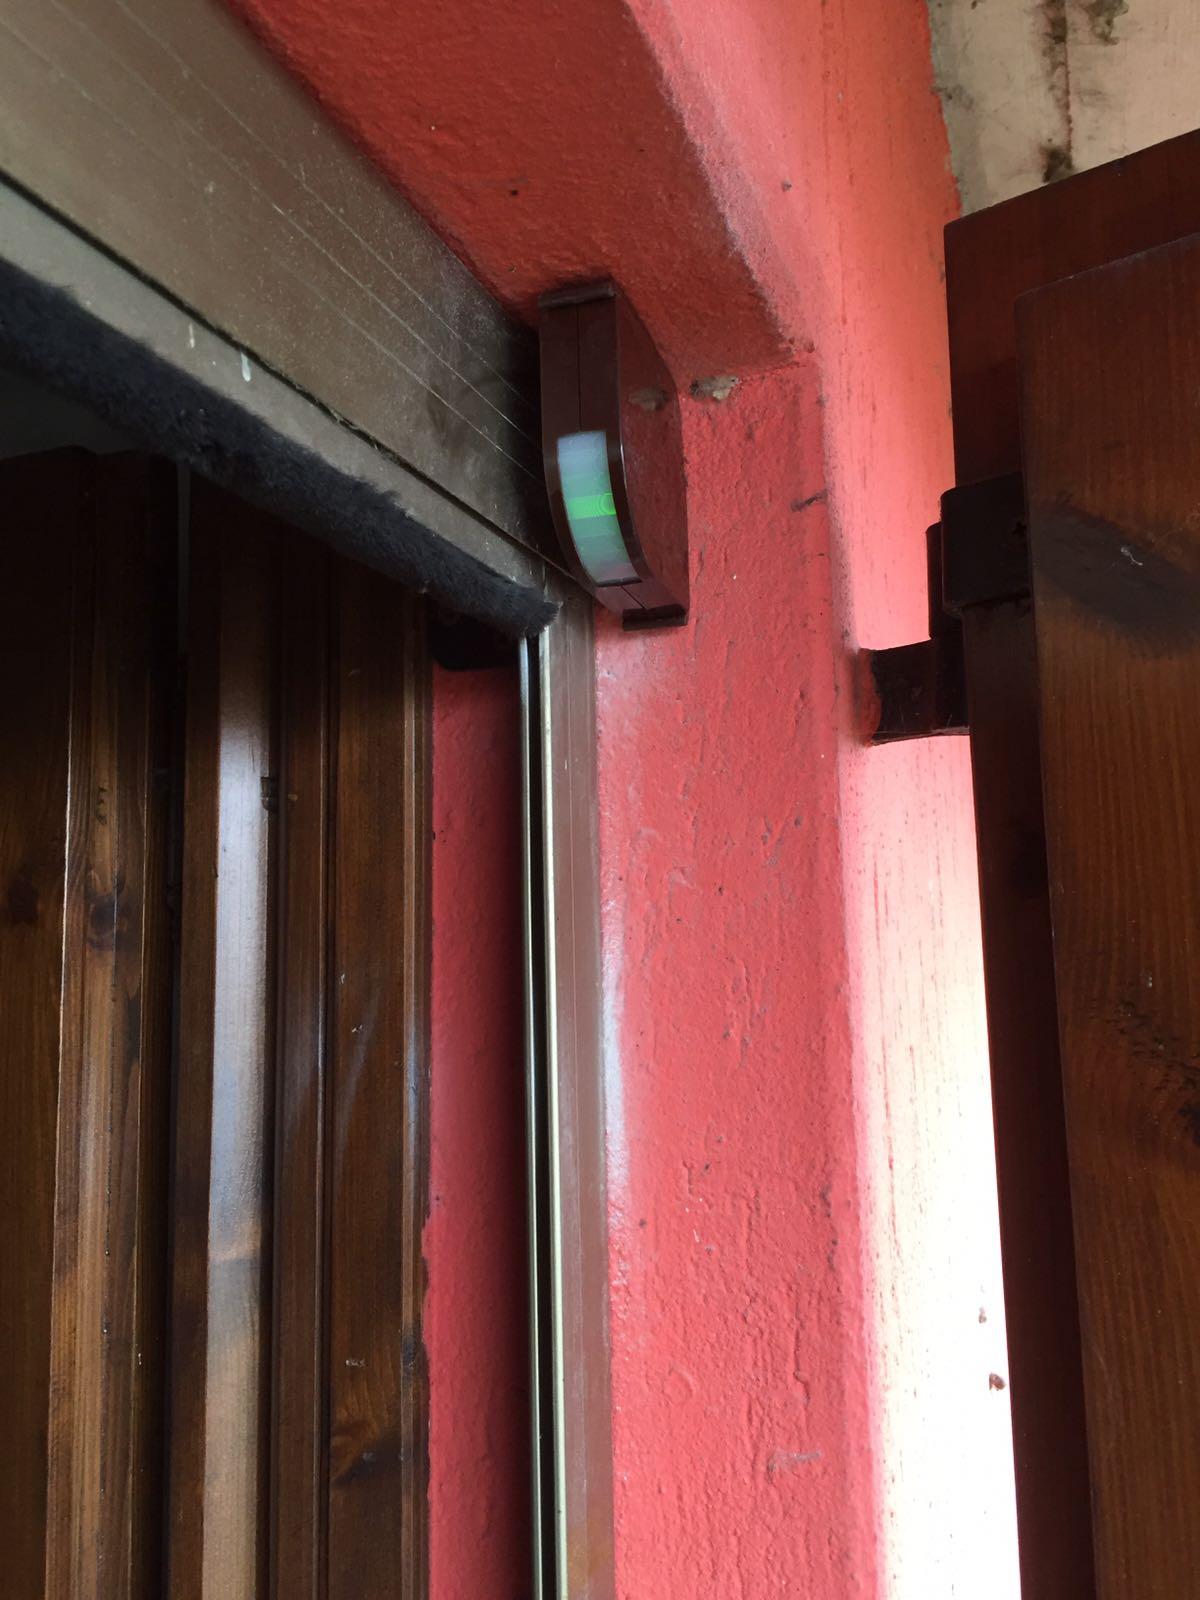 Allarme casa impianto di sicurezza e2 falcoalarm - Impianto di allarme casa ...